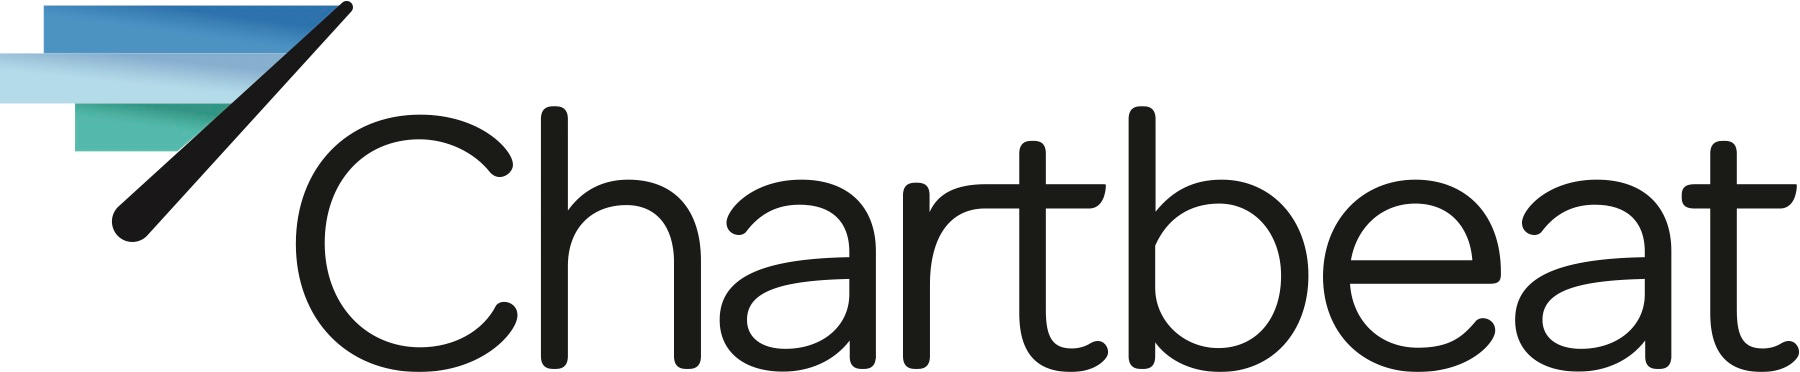 Chartbeat-logo.png